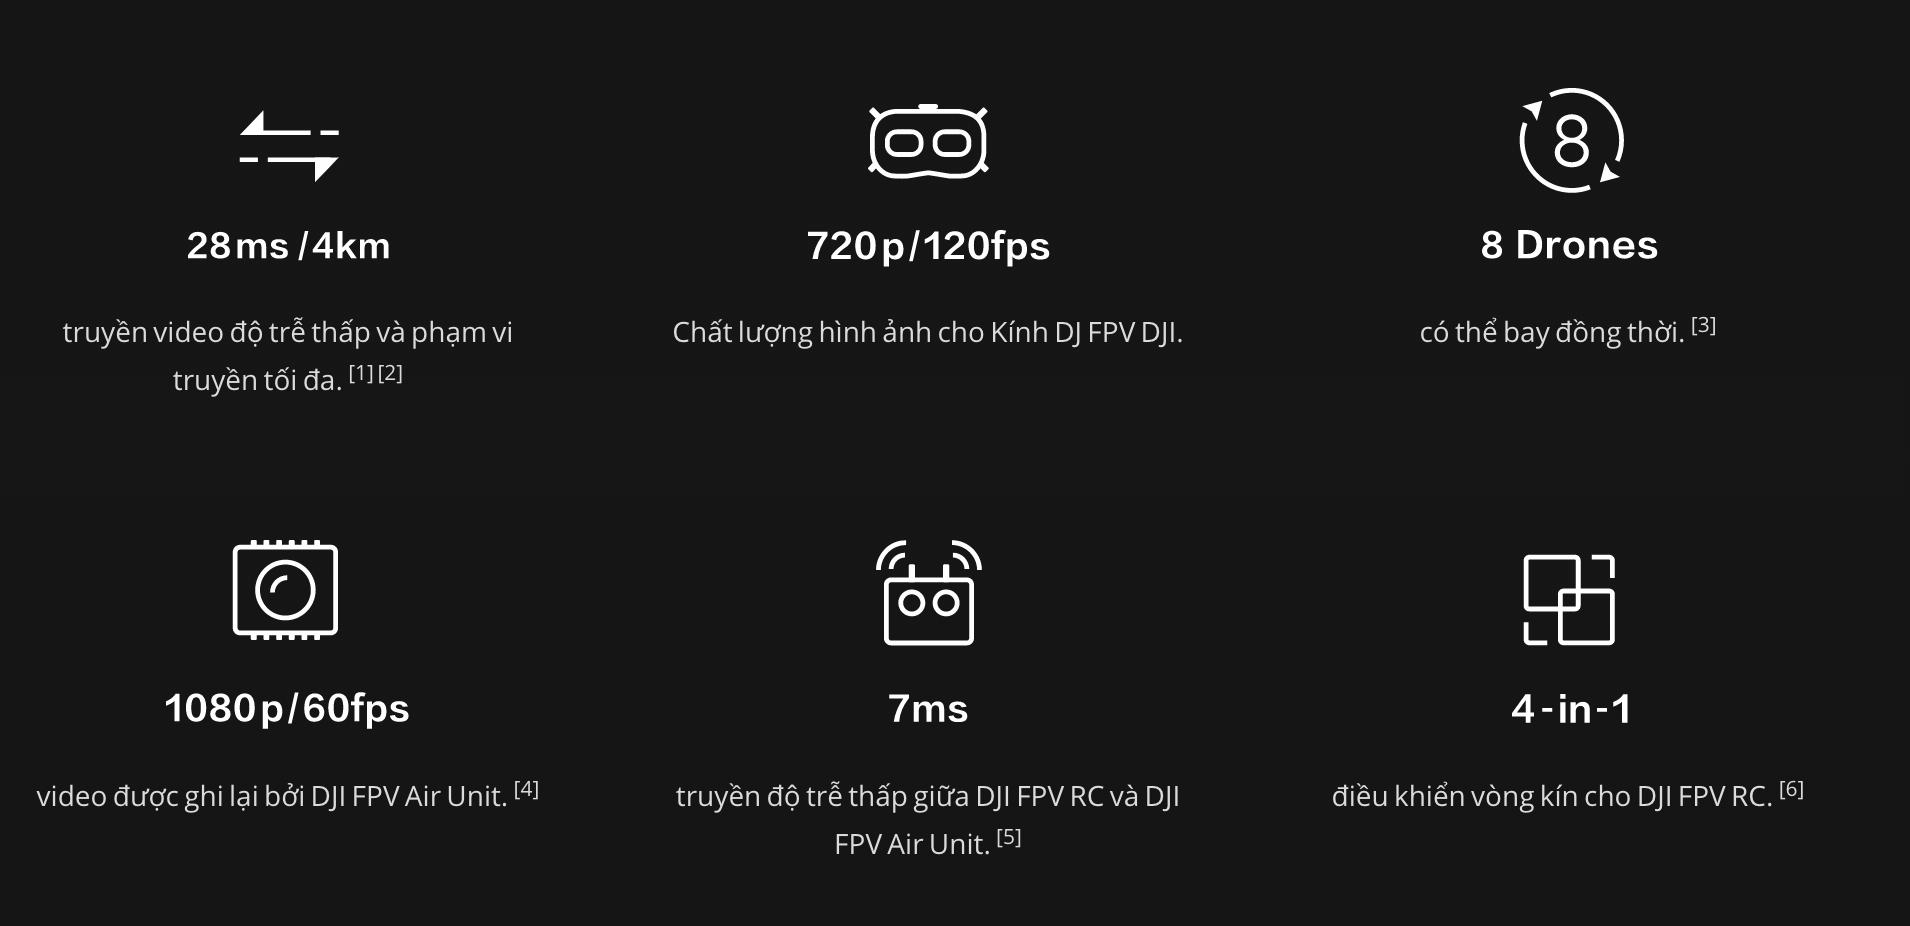 DJI DIGITAL FPV SYSTEM - Hệ thống bay FPV của DJI